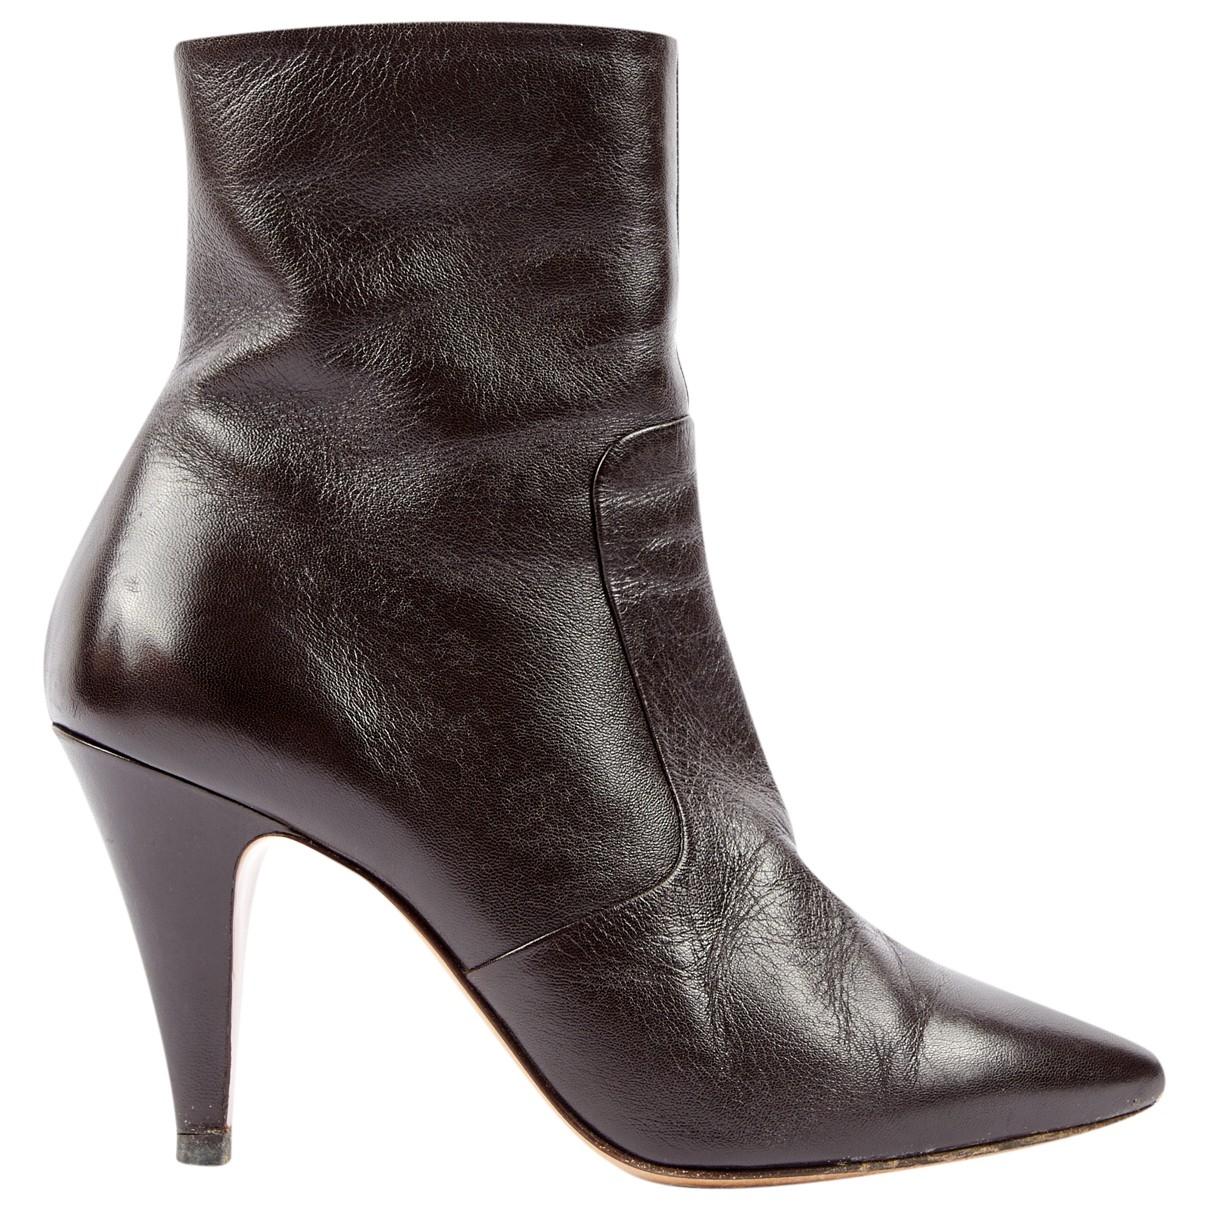 Celine - Boots   pour femme en cuir - marron